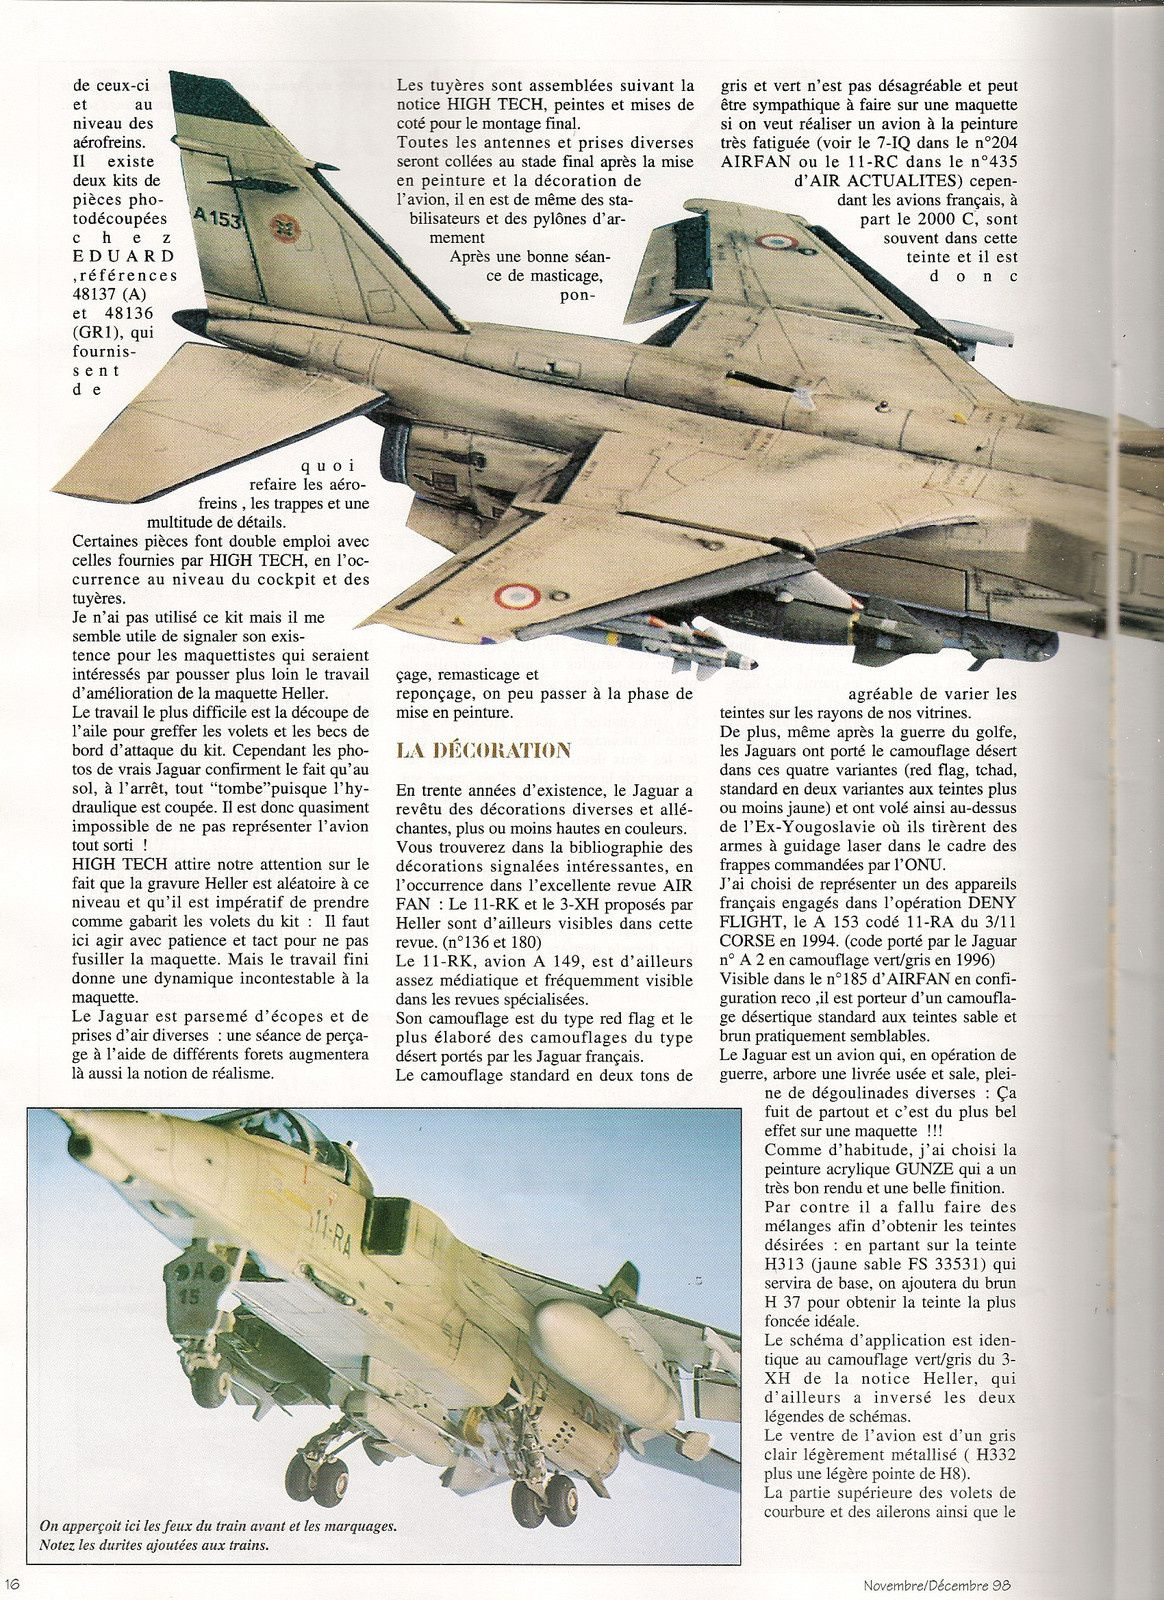 Jaguar A /GR1